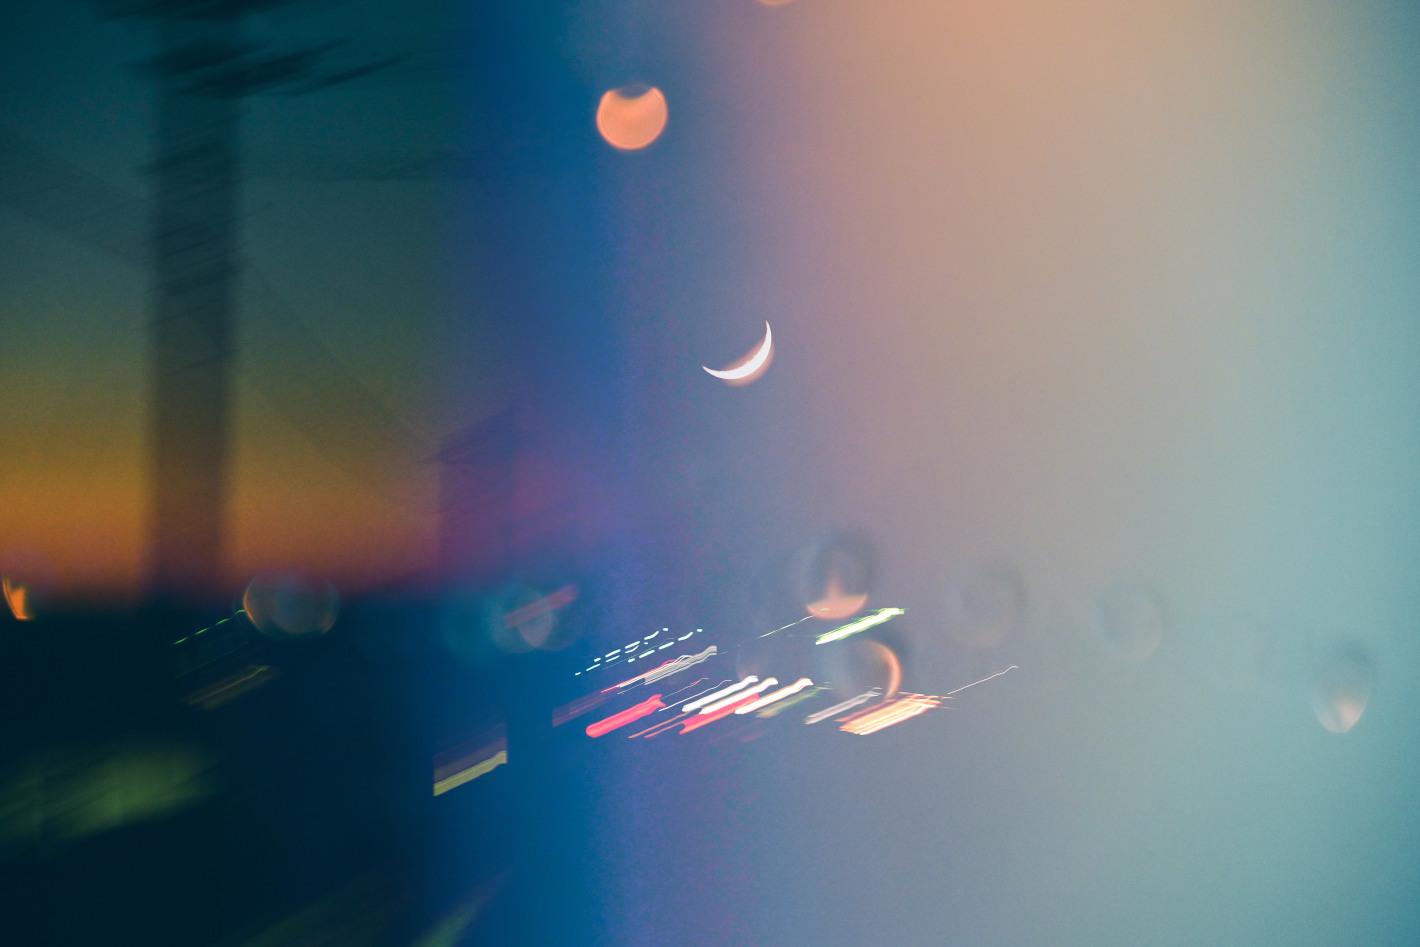 月を撮り続けるフォトグラファーの「月夜の散歩」– 手持ち撮影の基本のコツと表現のアイデア